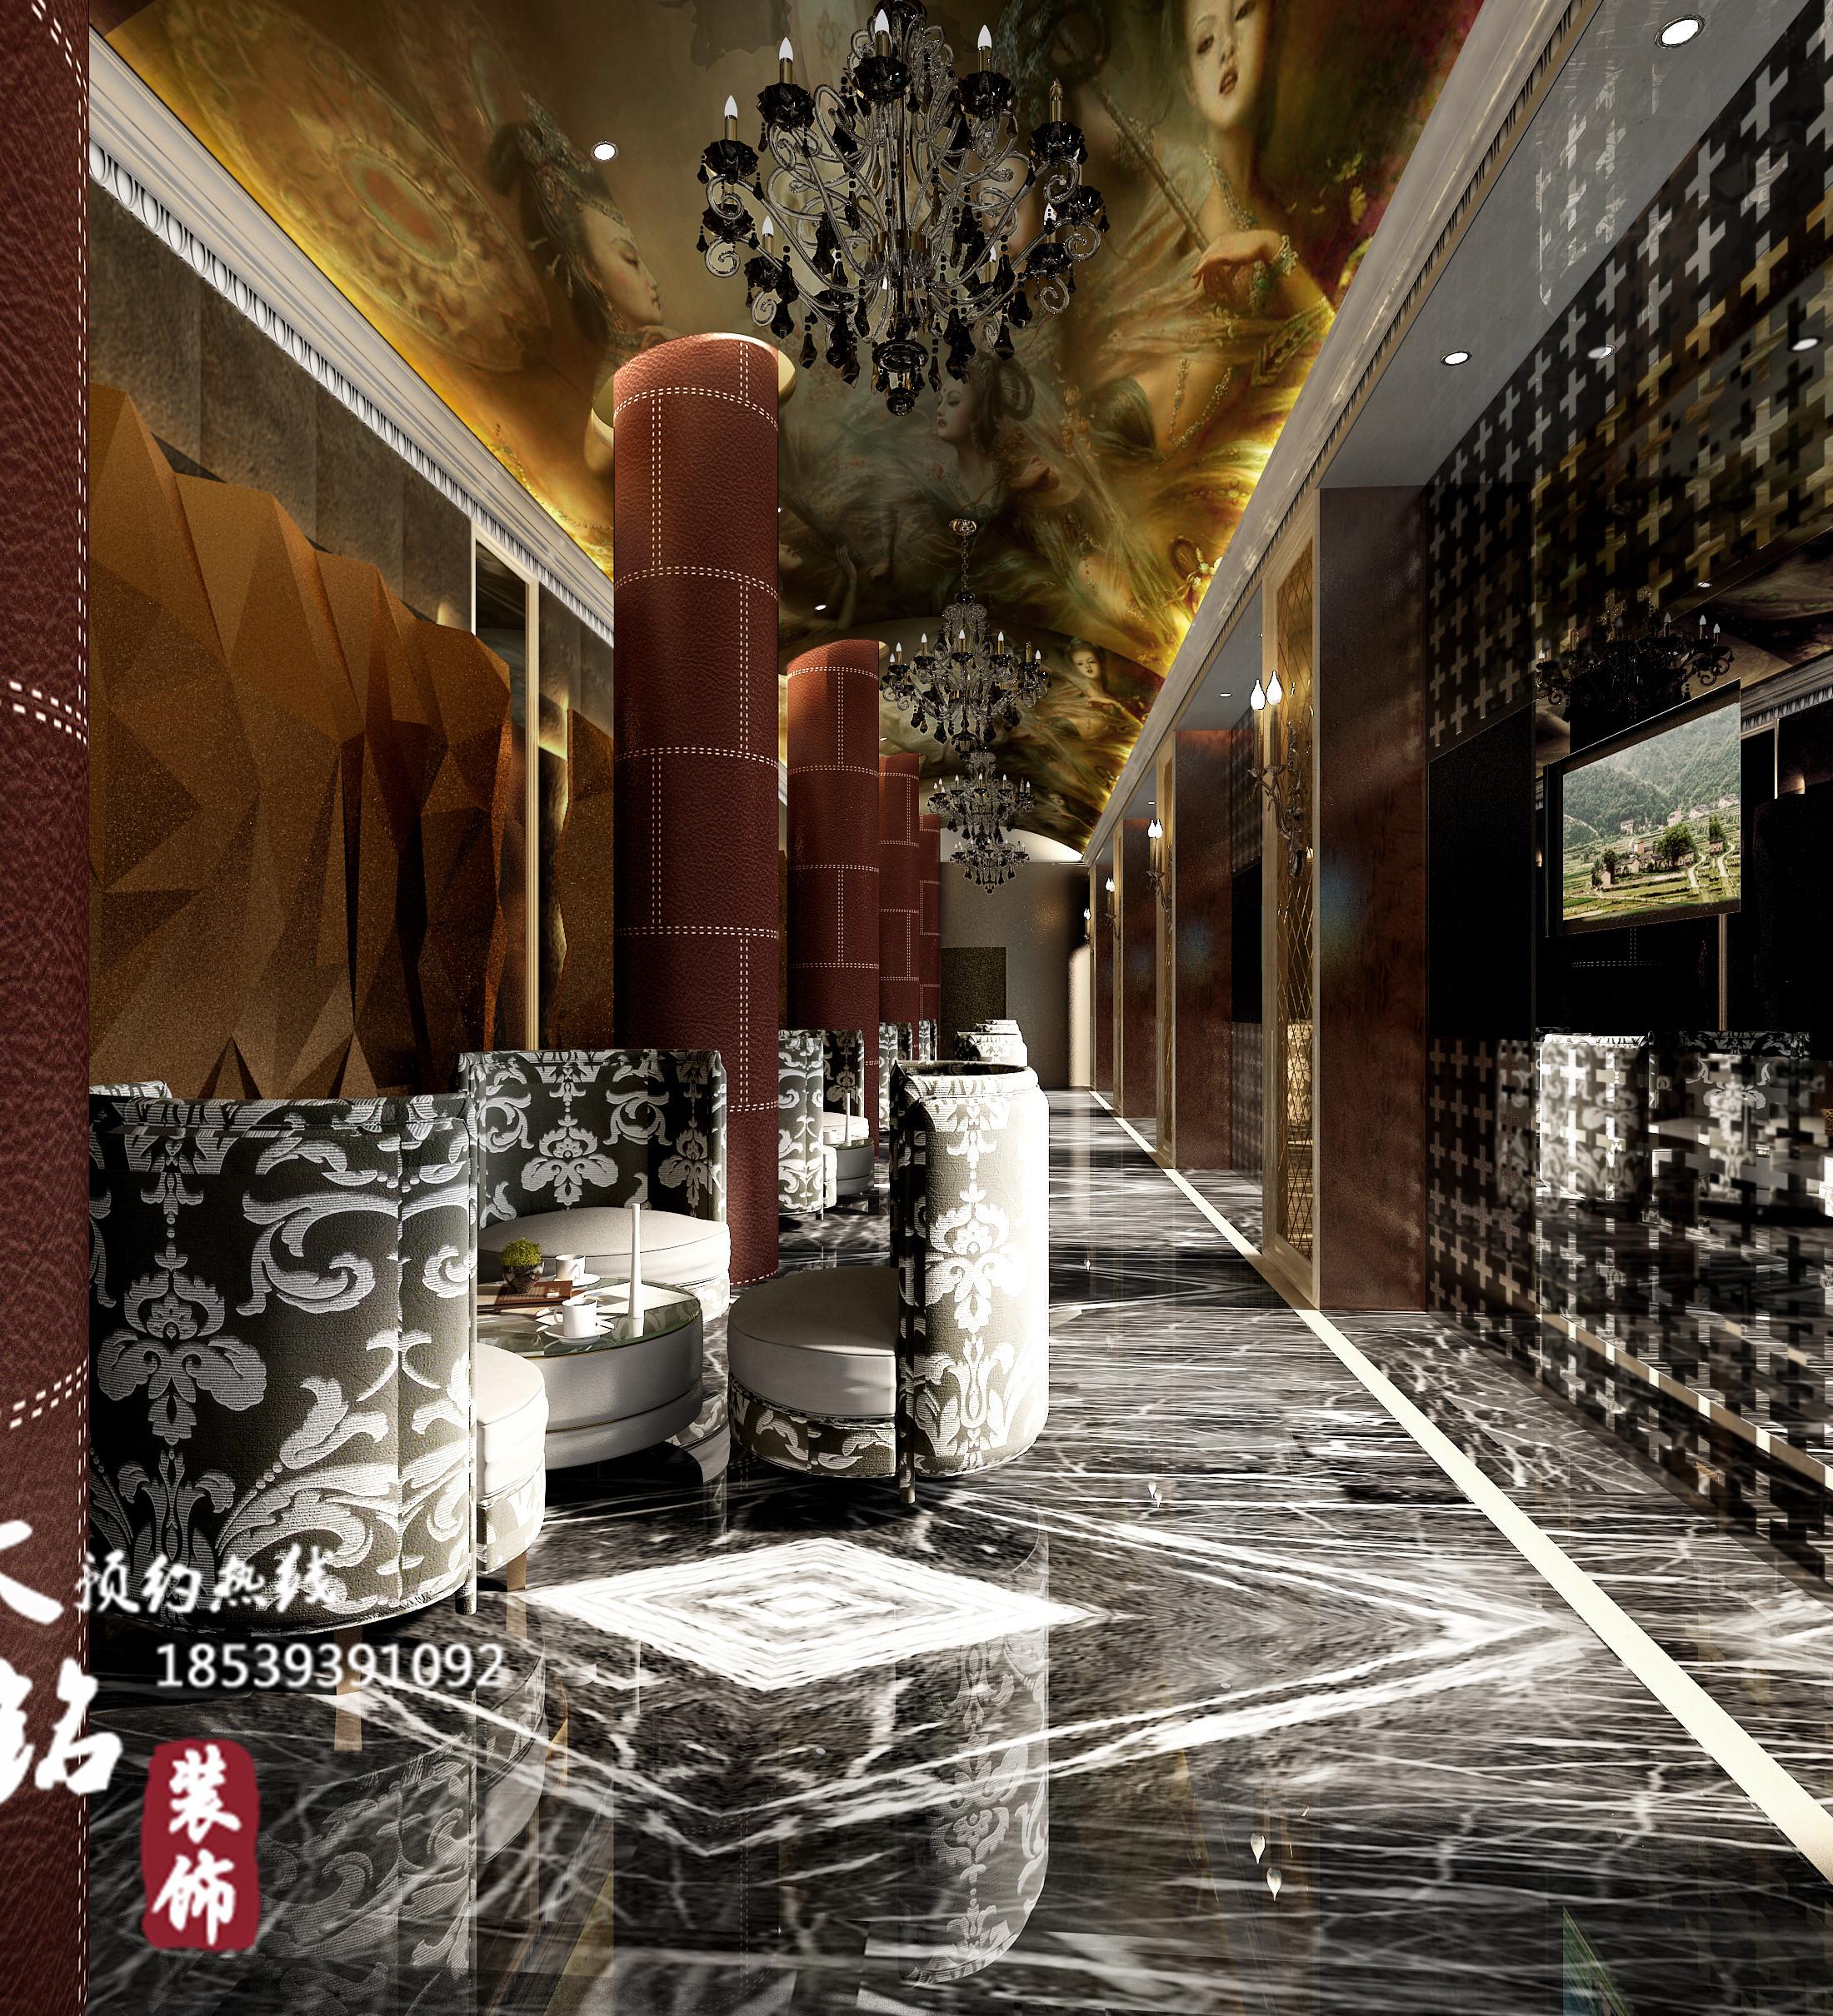 酒店大堂设计 酒店餐厅设计 酒店装饰设计 酒店软装设计 欧式酒店设计